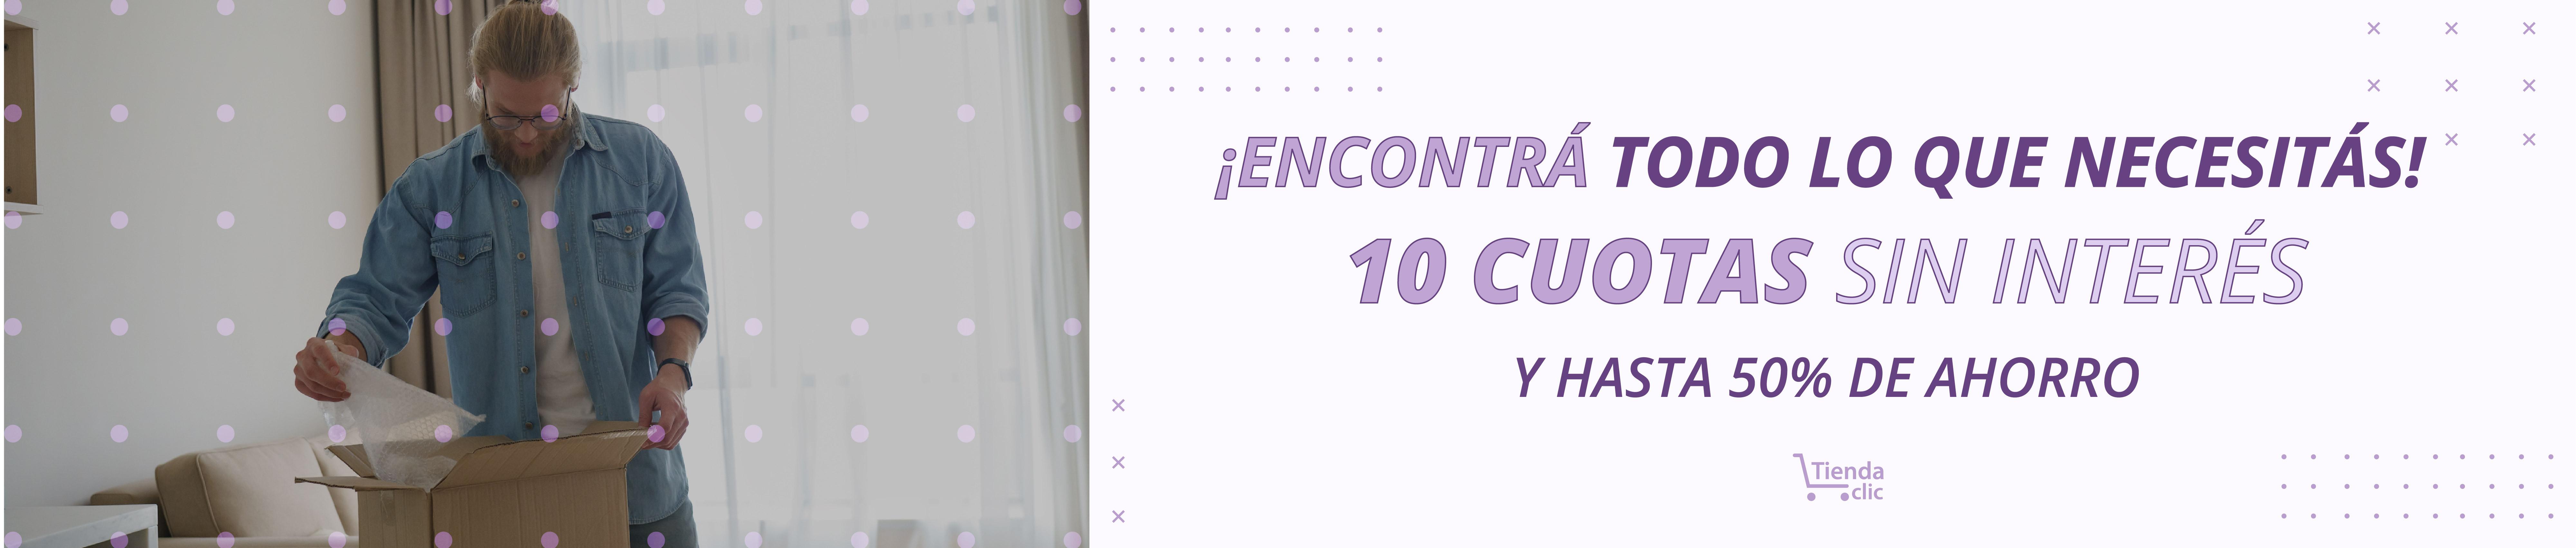 10 cuotas sin interés